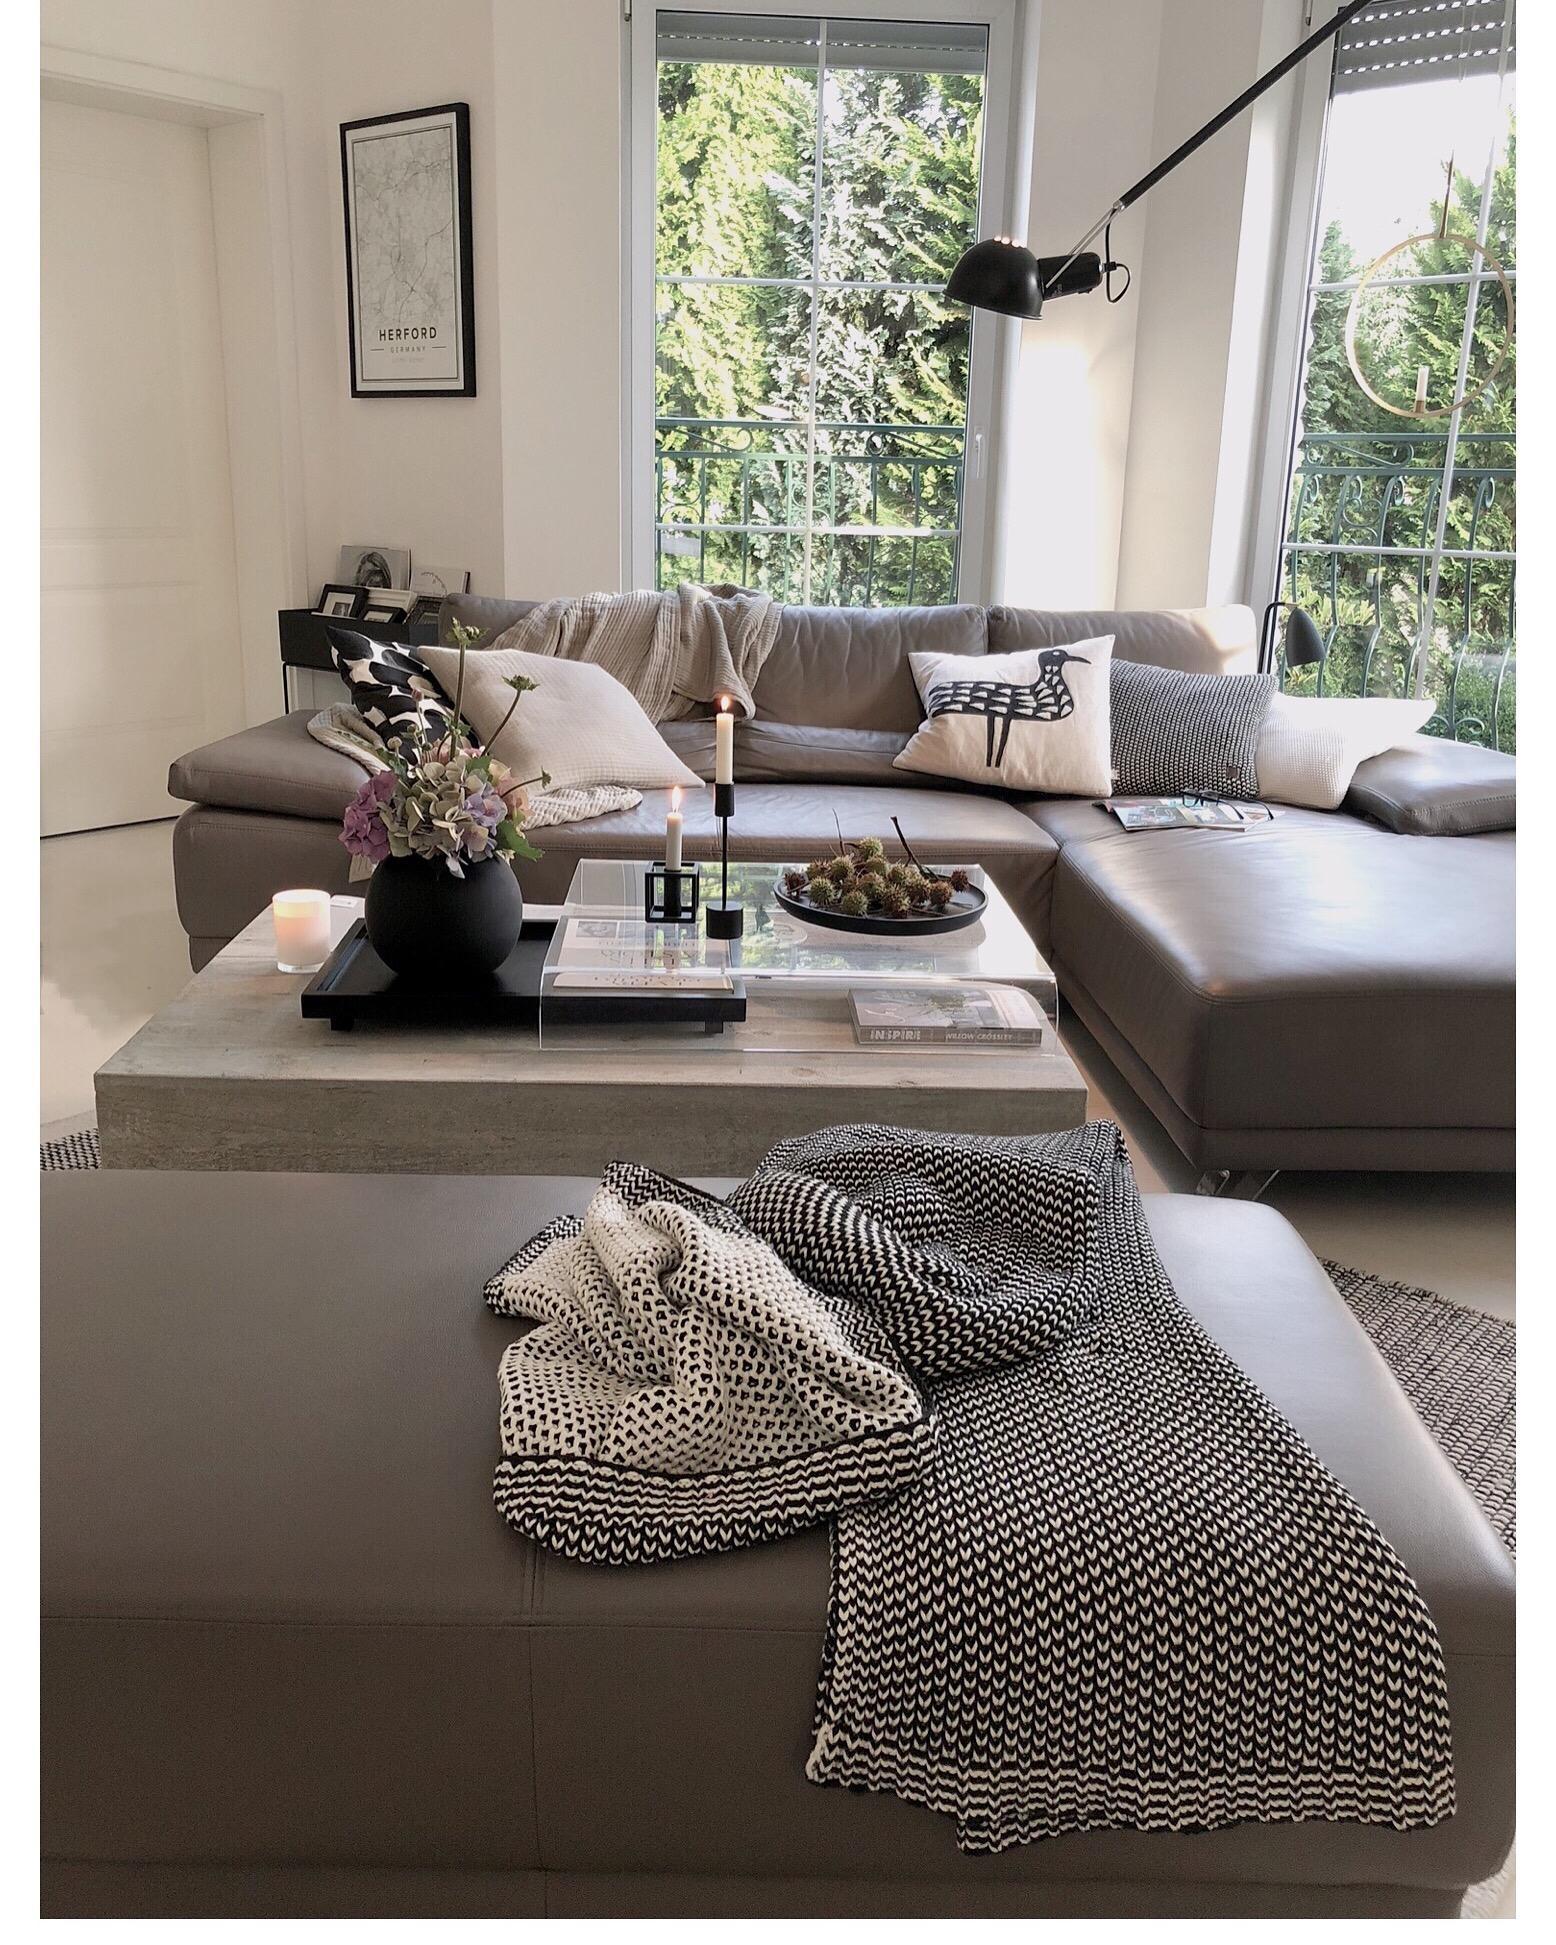 mein lieblingsplatz wohnzimmer couchstyle sitzecke hyggehome leseecke auf einen gemutlichen